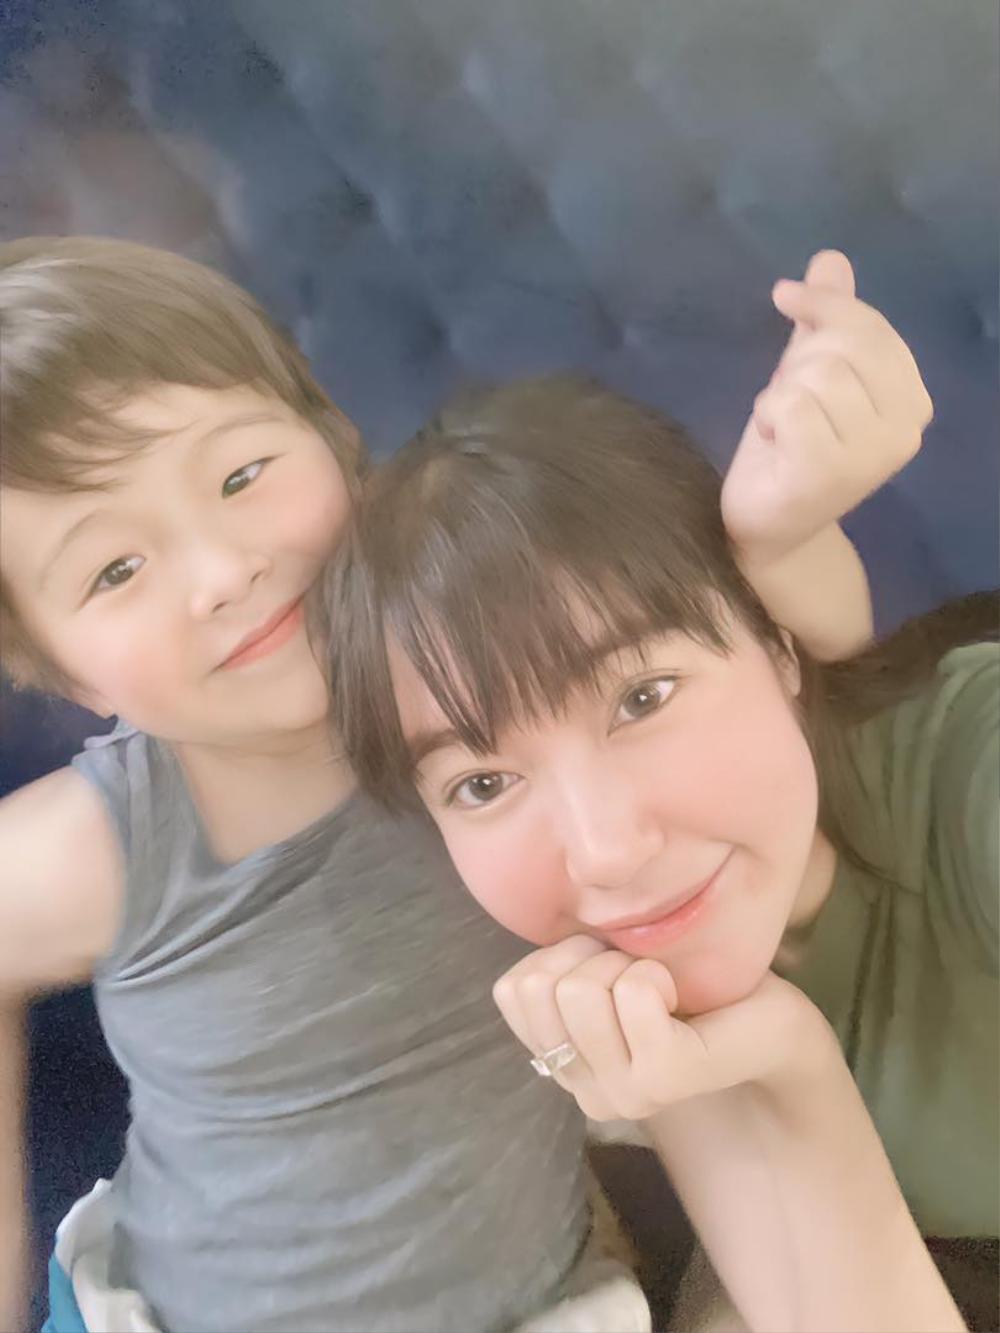 Elly Trần khoe góc nghiêng thần thánh của con trai khiến cư dân mạng phát sốt Ảnh 6